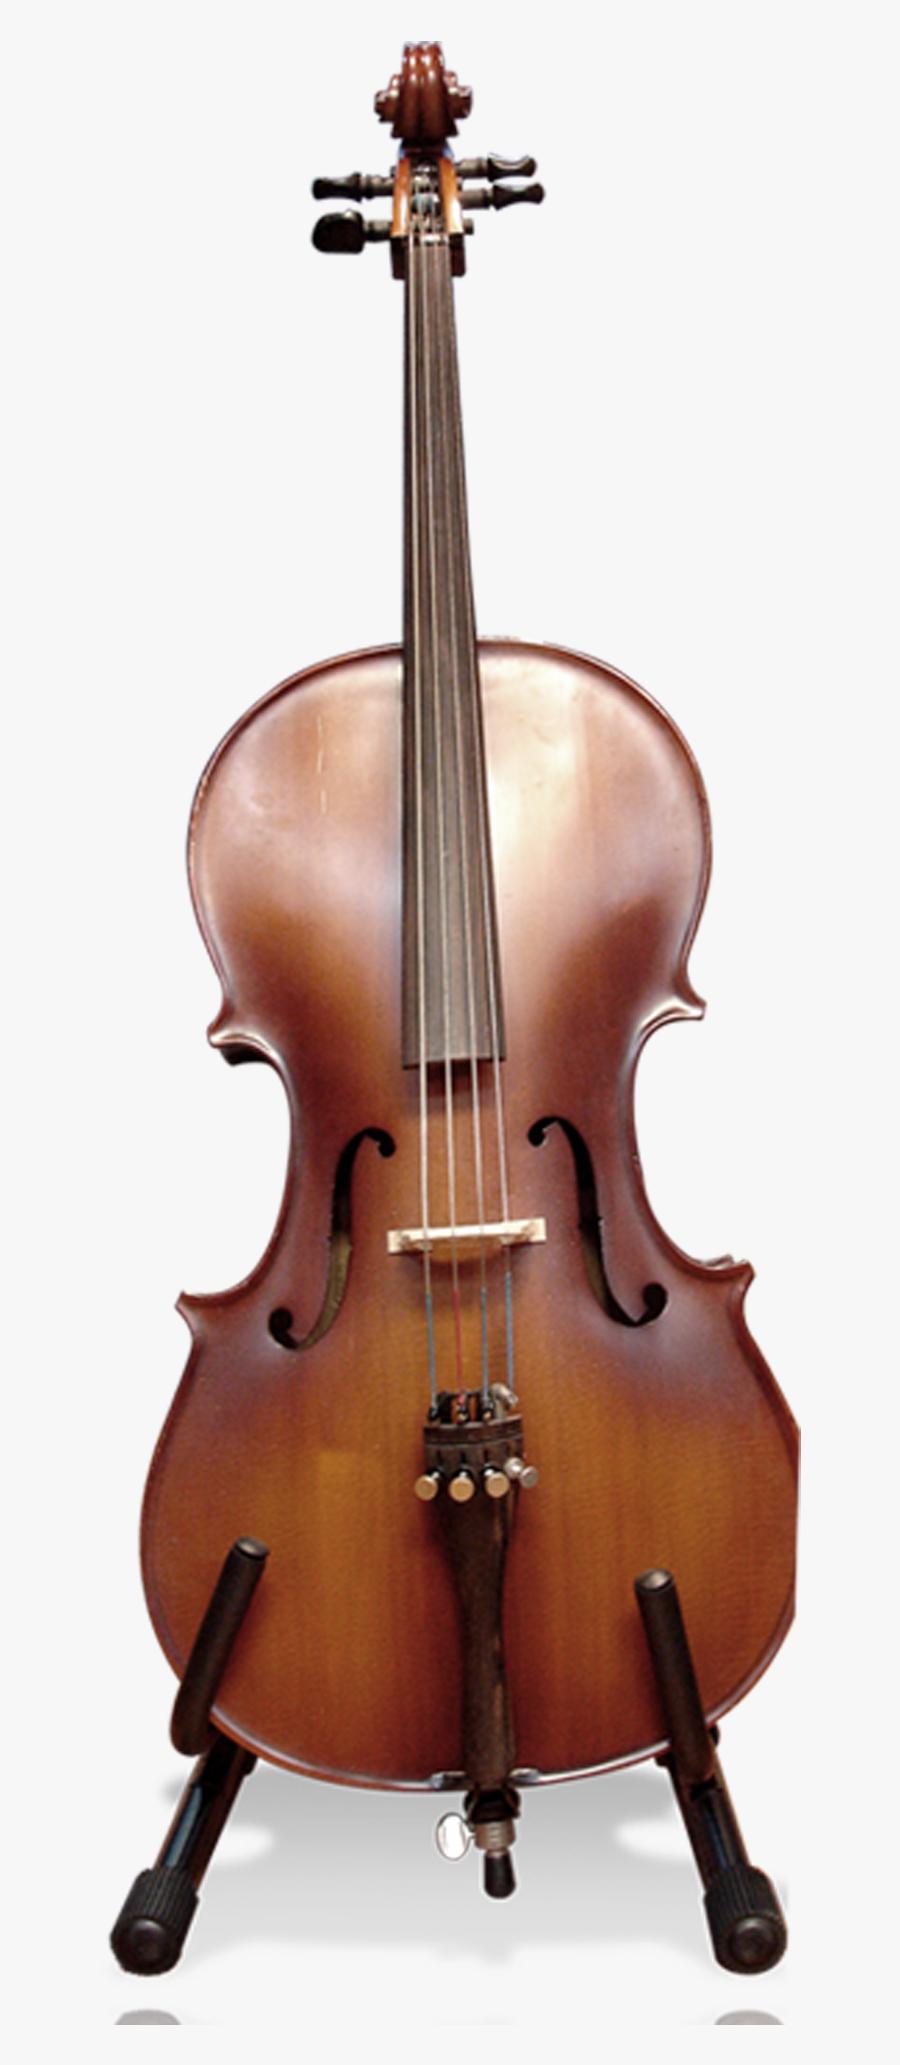 Clip Art Indoor Scene Elements Violin - Viola, Transparent Clipart